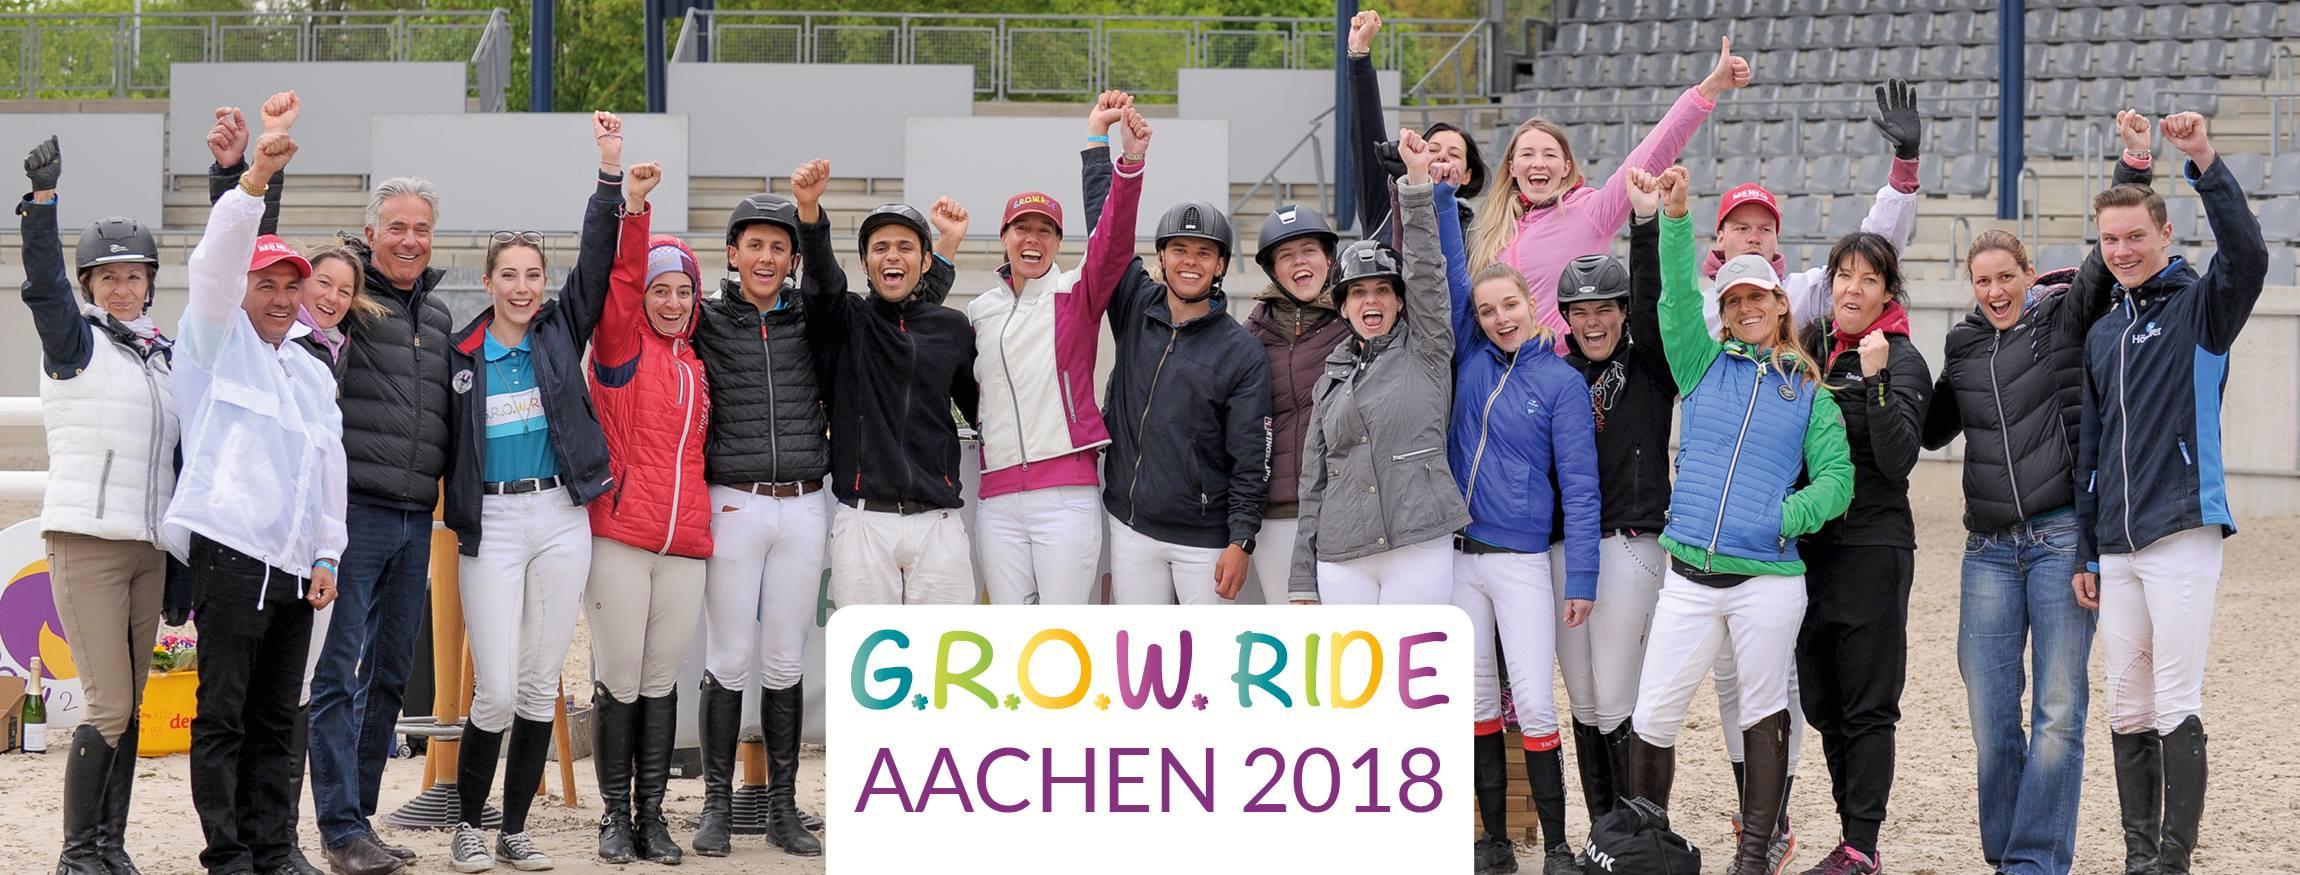 GROW Ride Aachen 2018: eerste samenwerking met Luciana Diniz